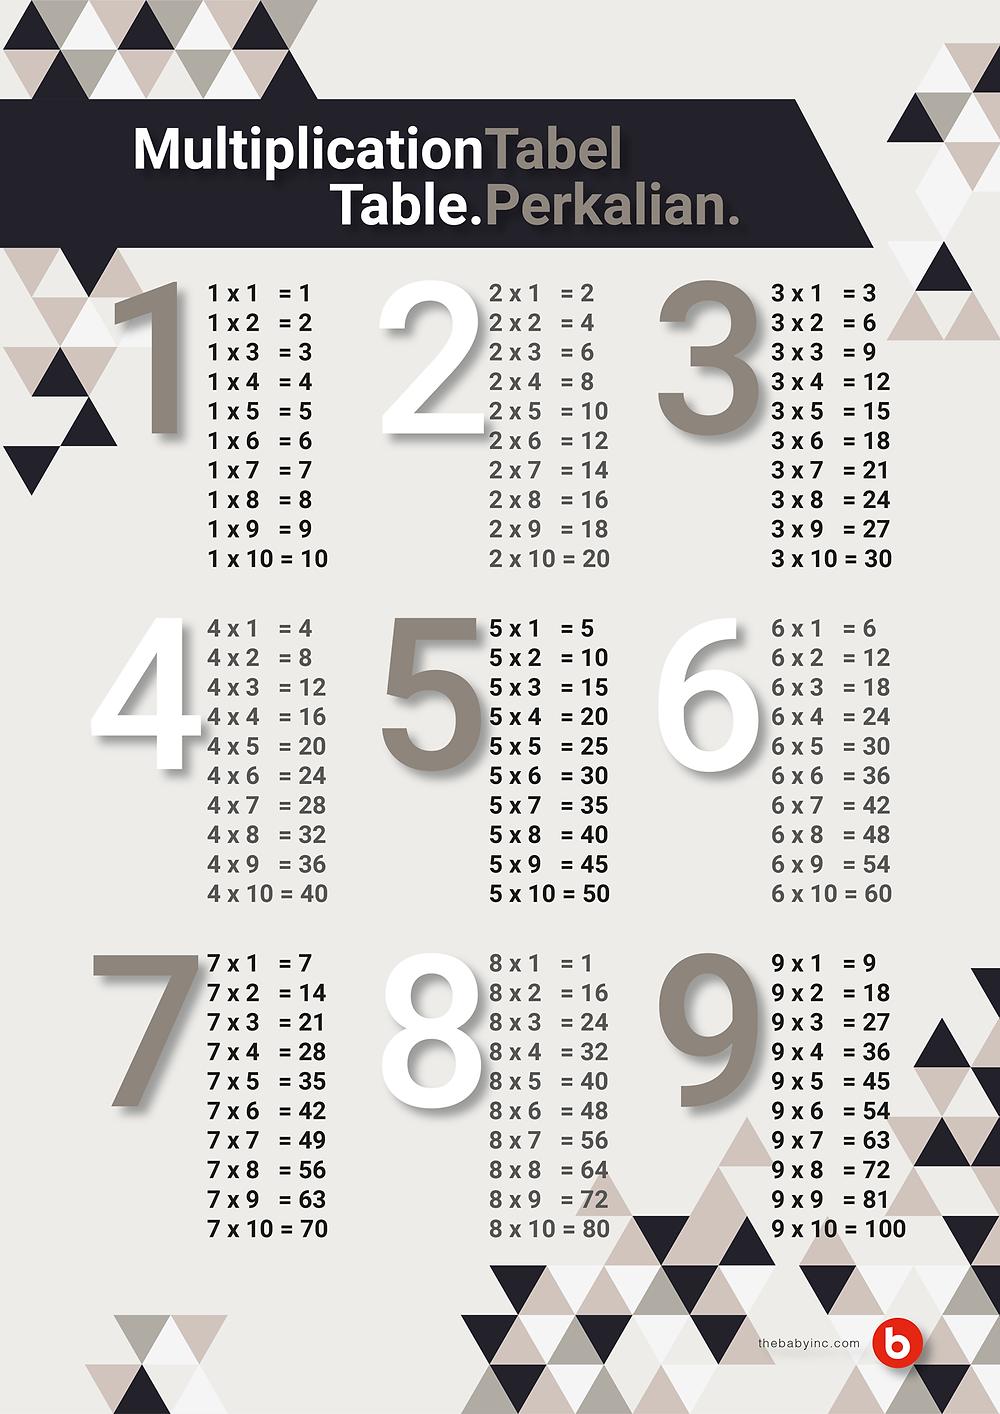 #Hadiah: Poster Tabel Perkalian Grafis - ukuran A3 #unduhgratis